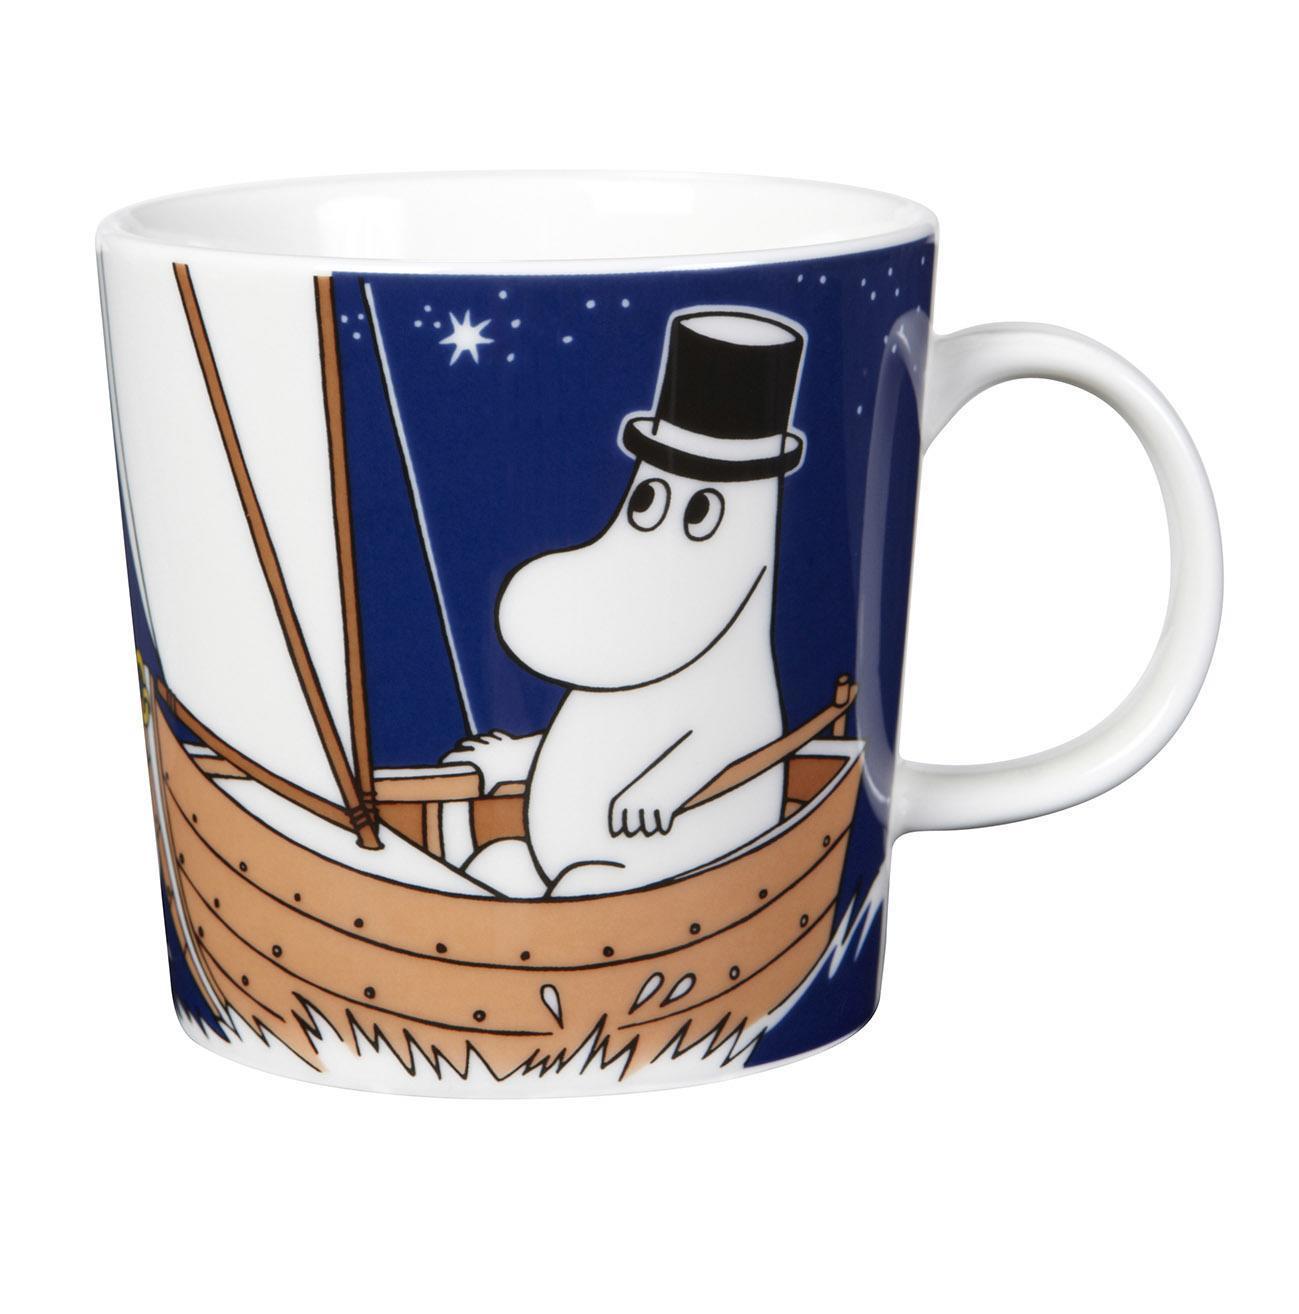 by Arabia Moomin mug Moominpappa